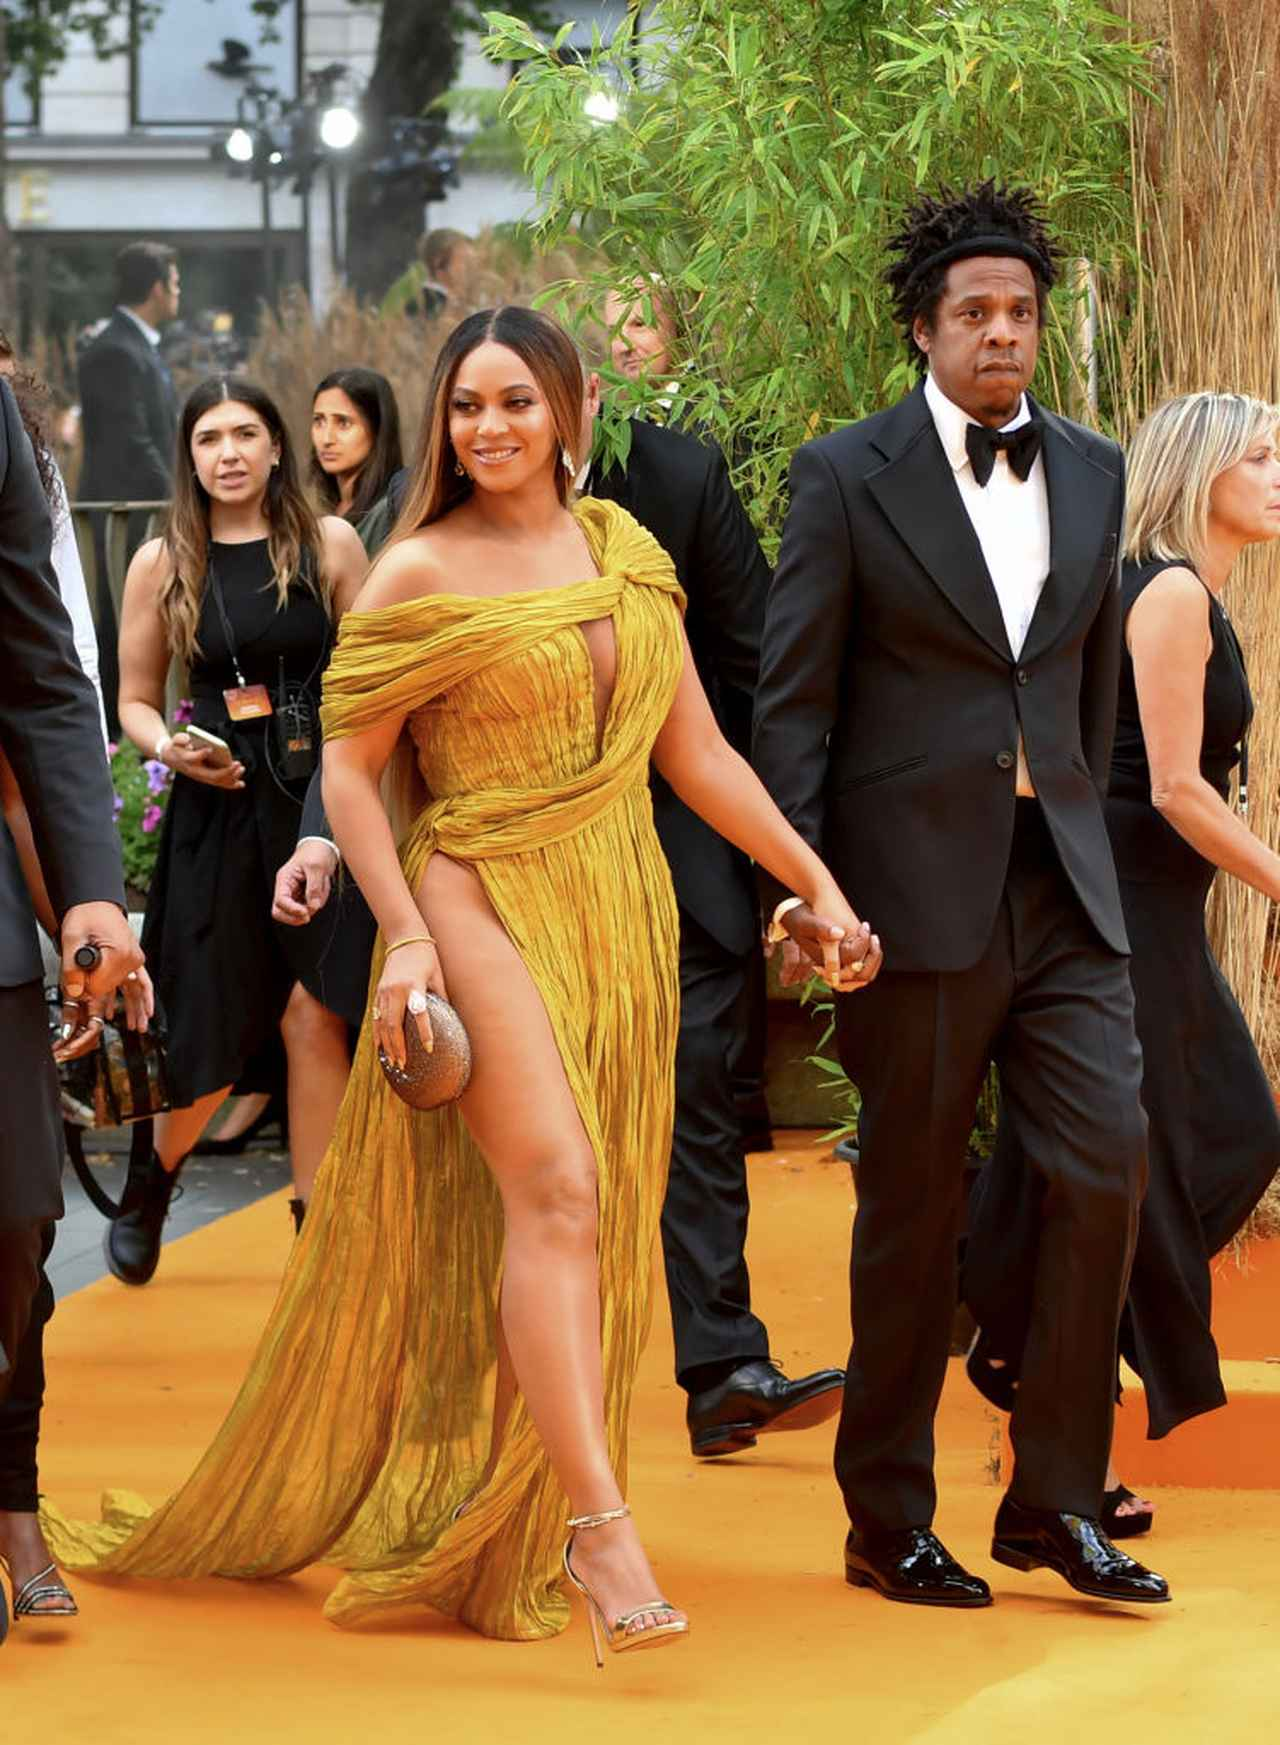 画像: レッドカーペットに登場したビヨンセ&ジェイ夫妻。ビヨンセはイエローカーペットに合わせてイエローゴールドのドレスをチョイス。